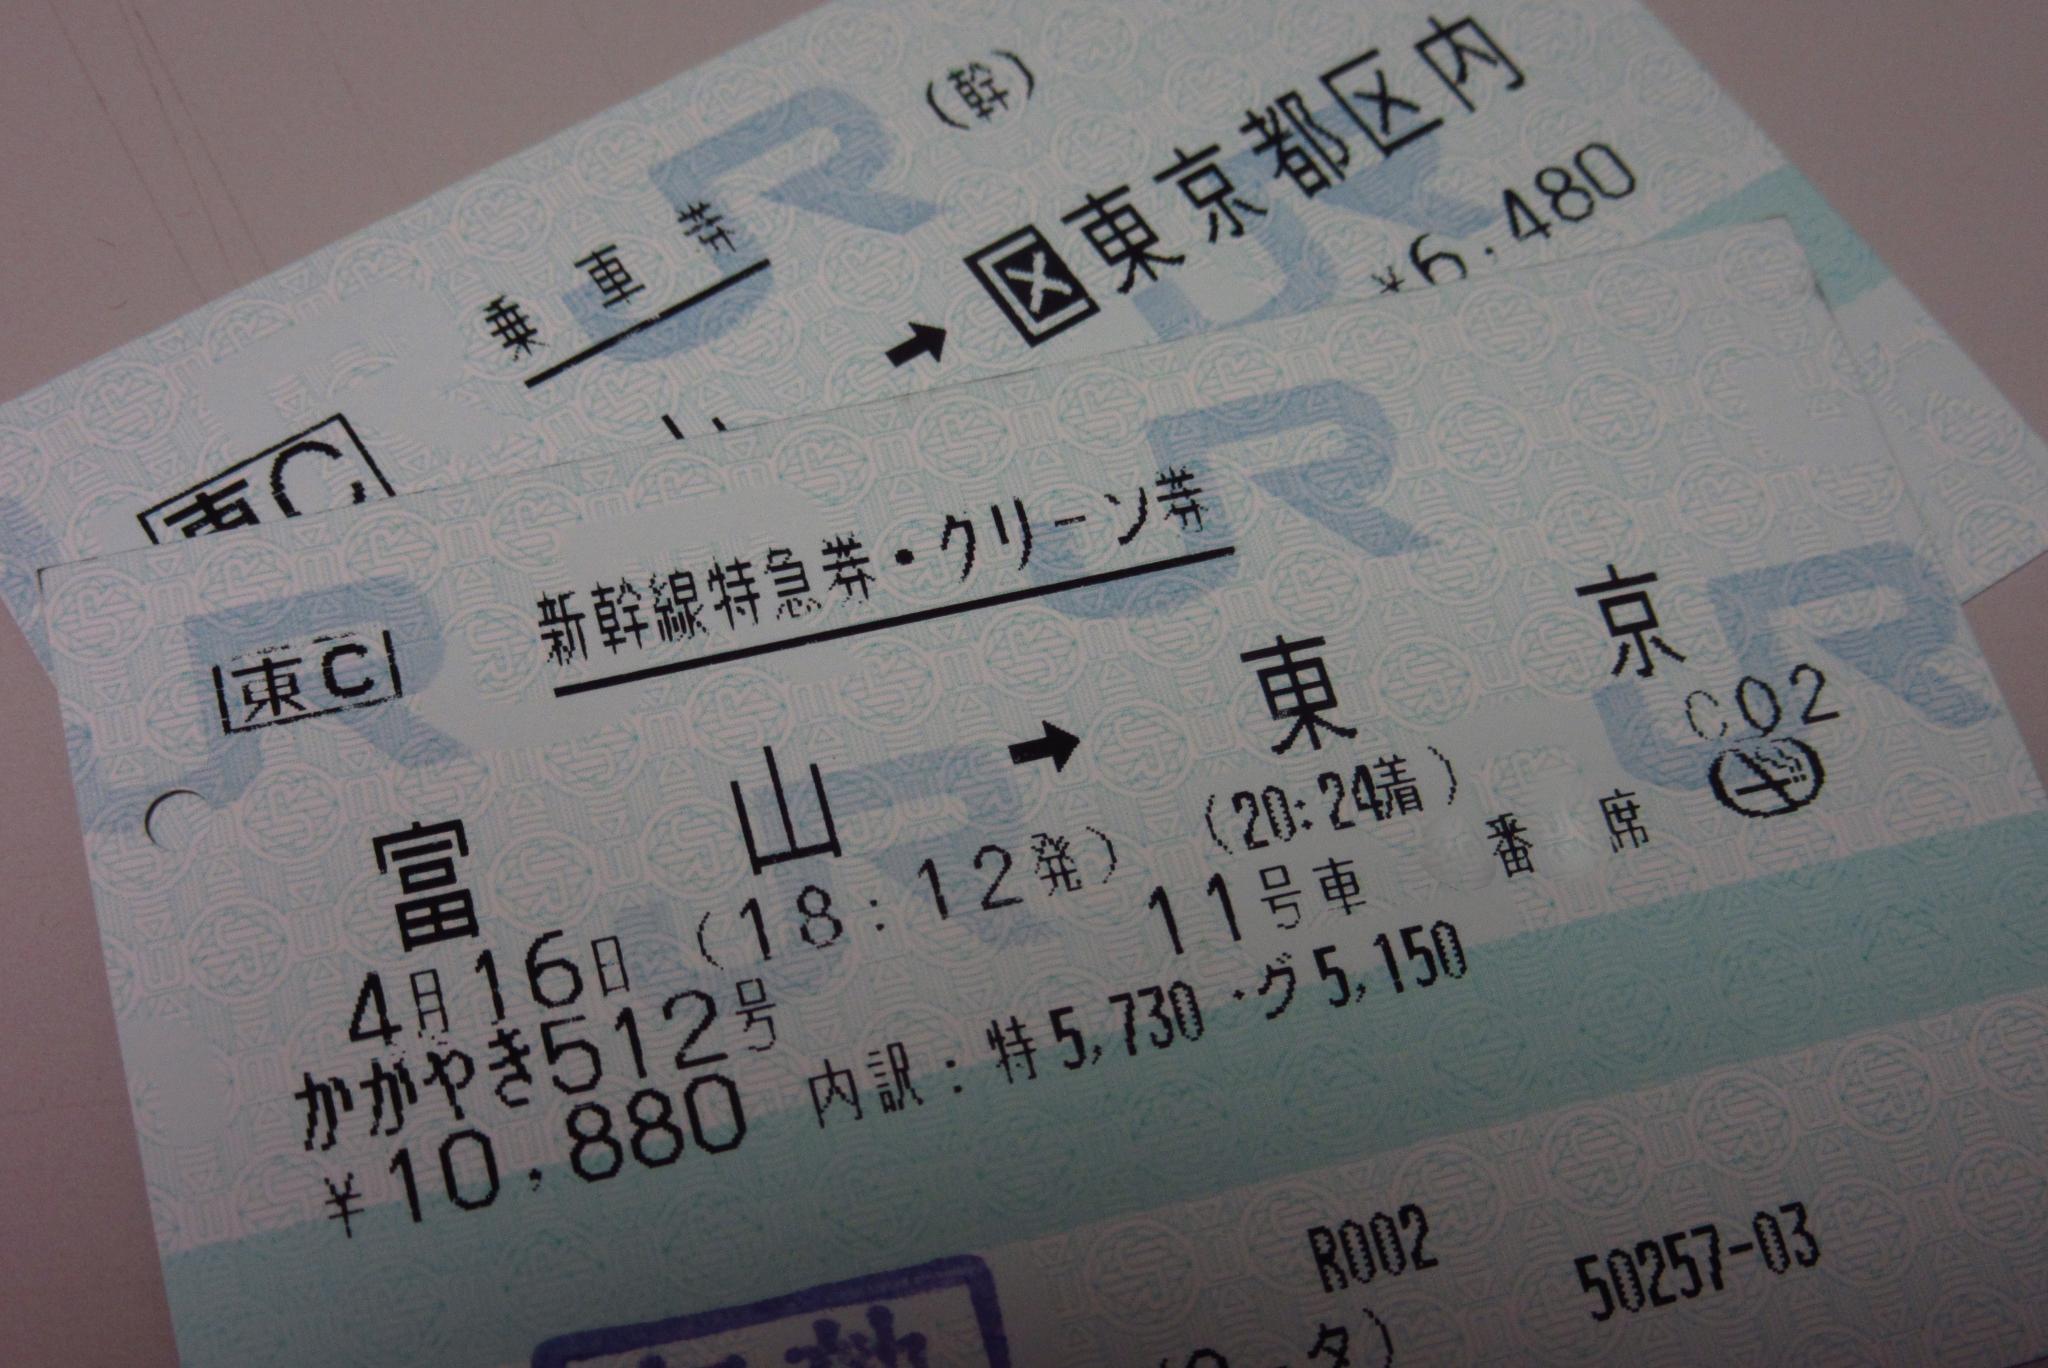 http://moritetsu.info/train/img/IMG_1195.JPG